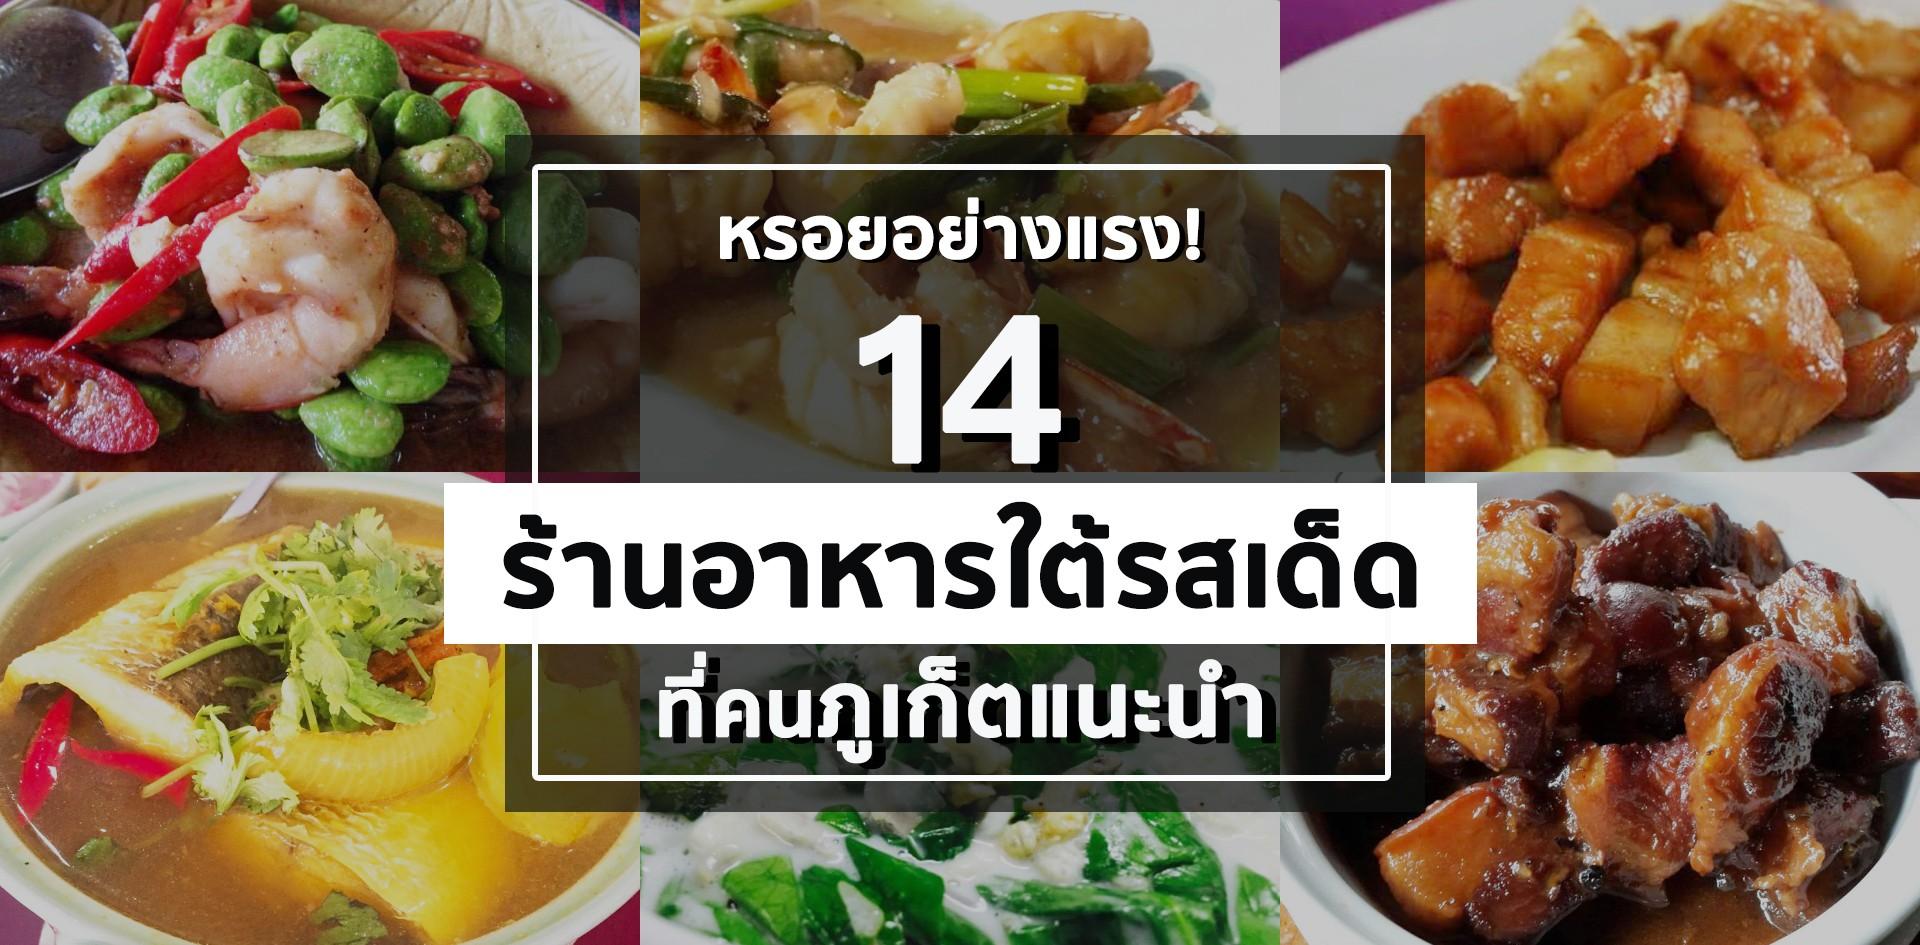 หรอยอย่างแรง! 14 ร้านอาหารใต้รสเด็ด ที่คนภูเก็ตแนะนำ